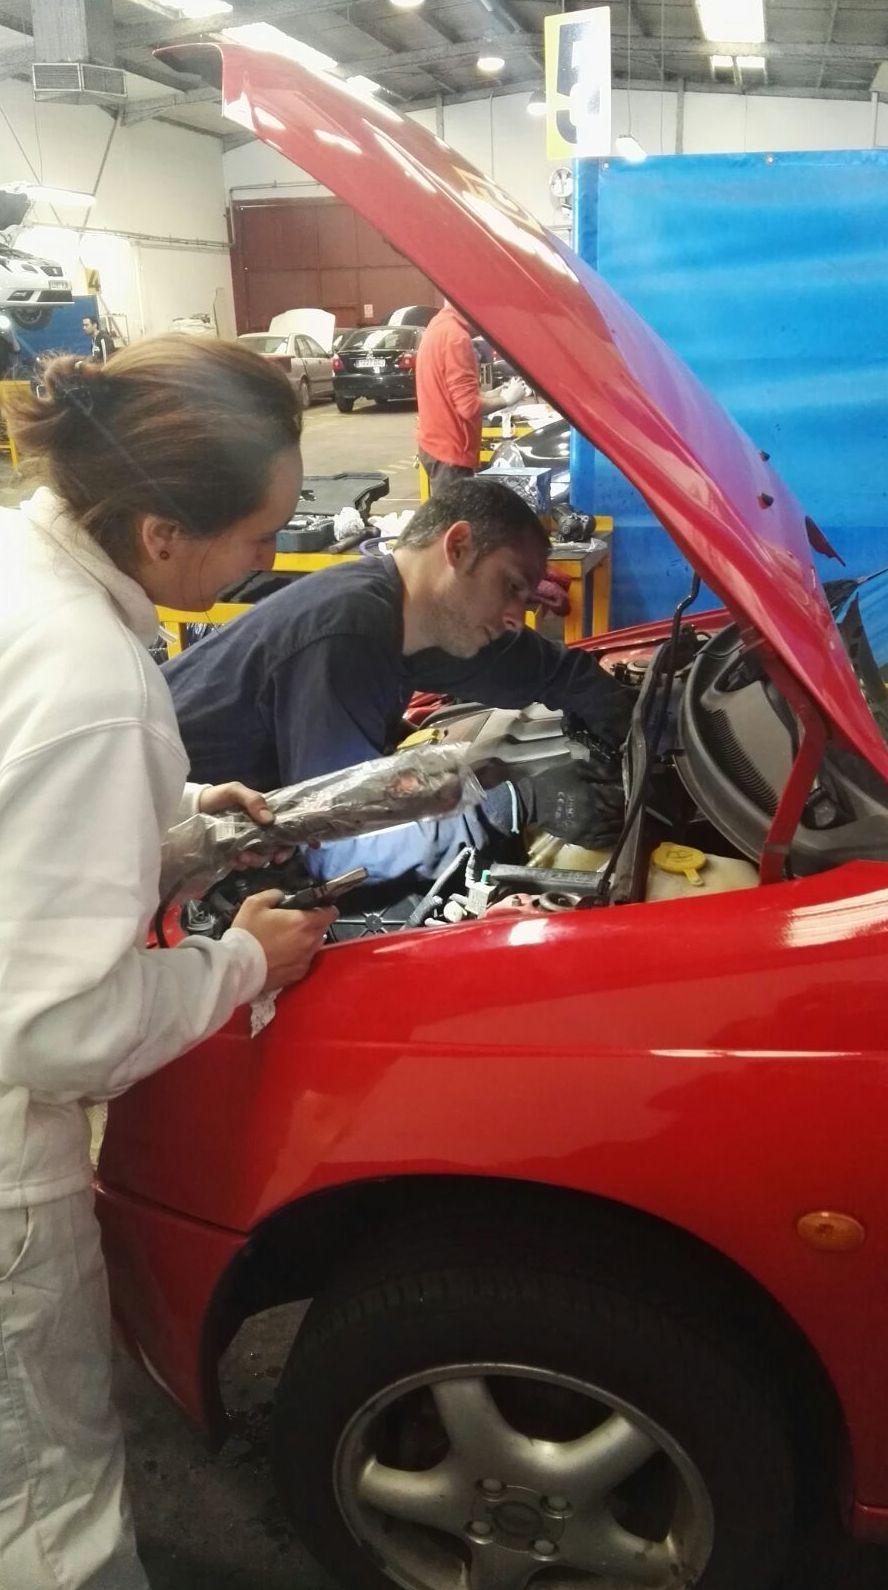 Taller de mecánica de coches en Zaragoza